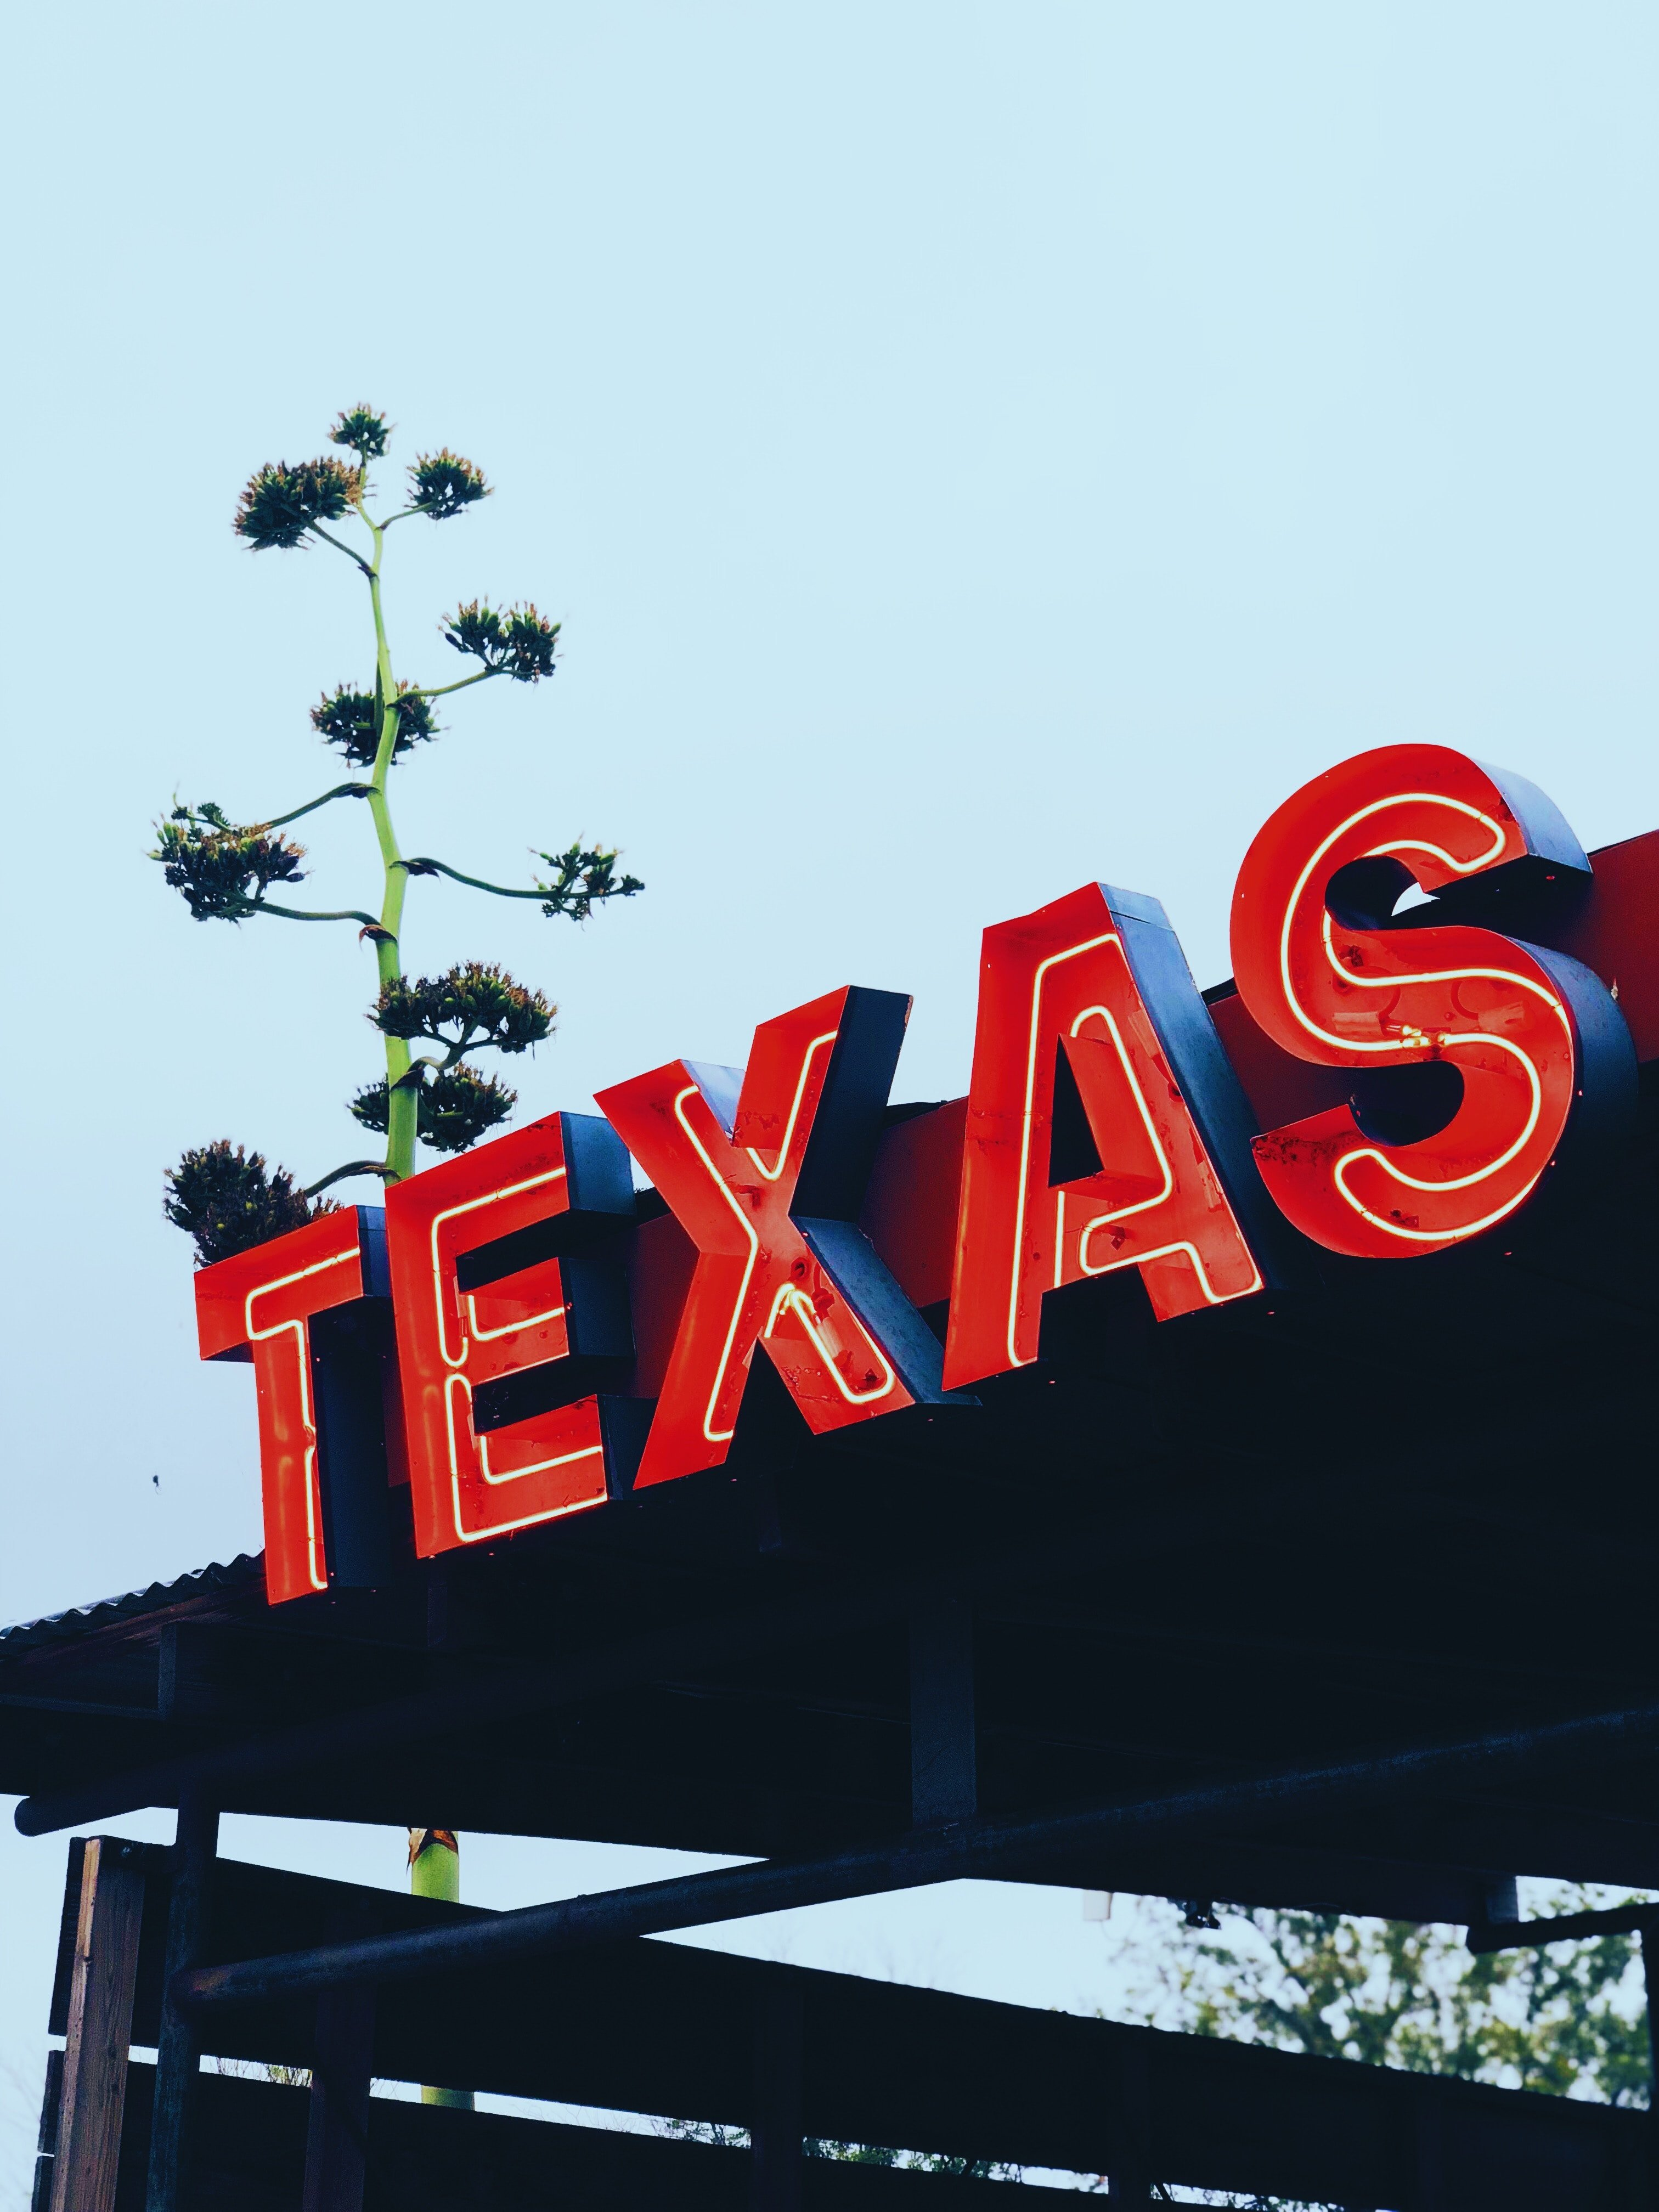 Texas board.